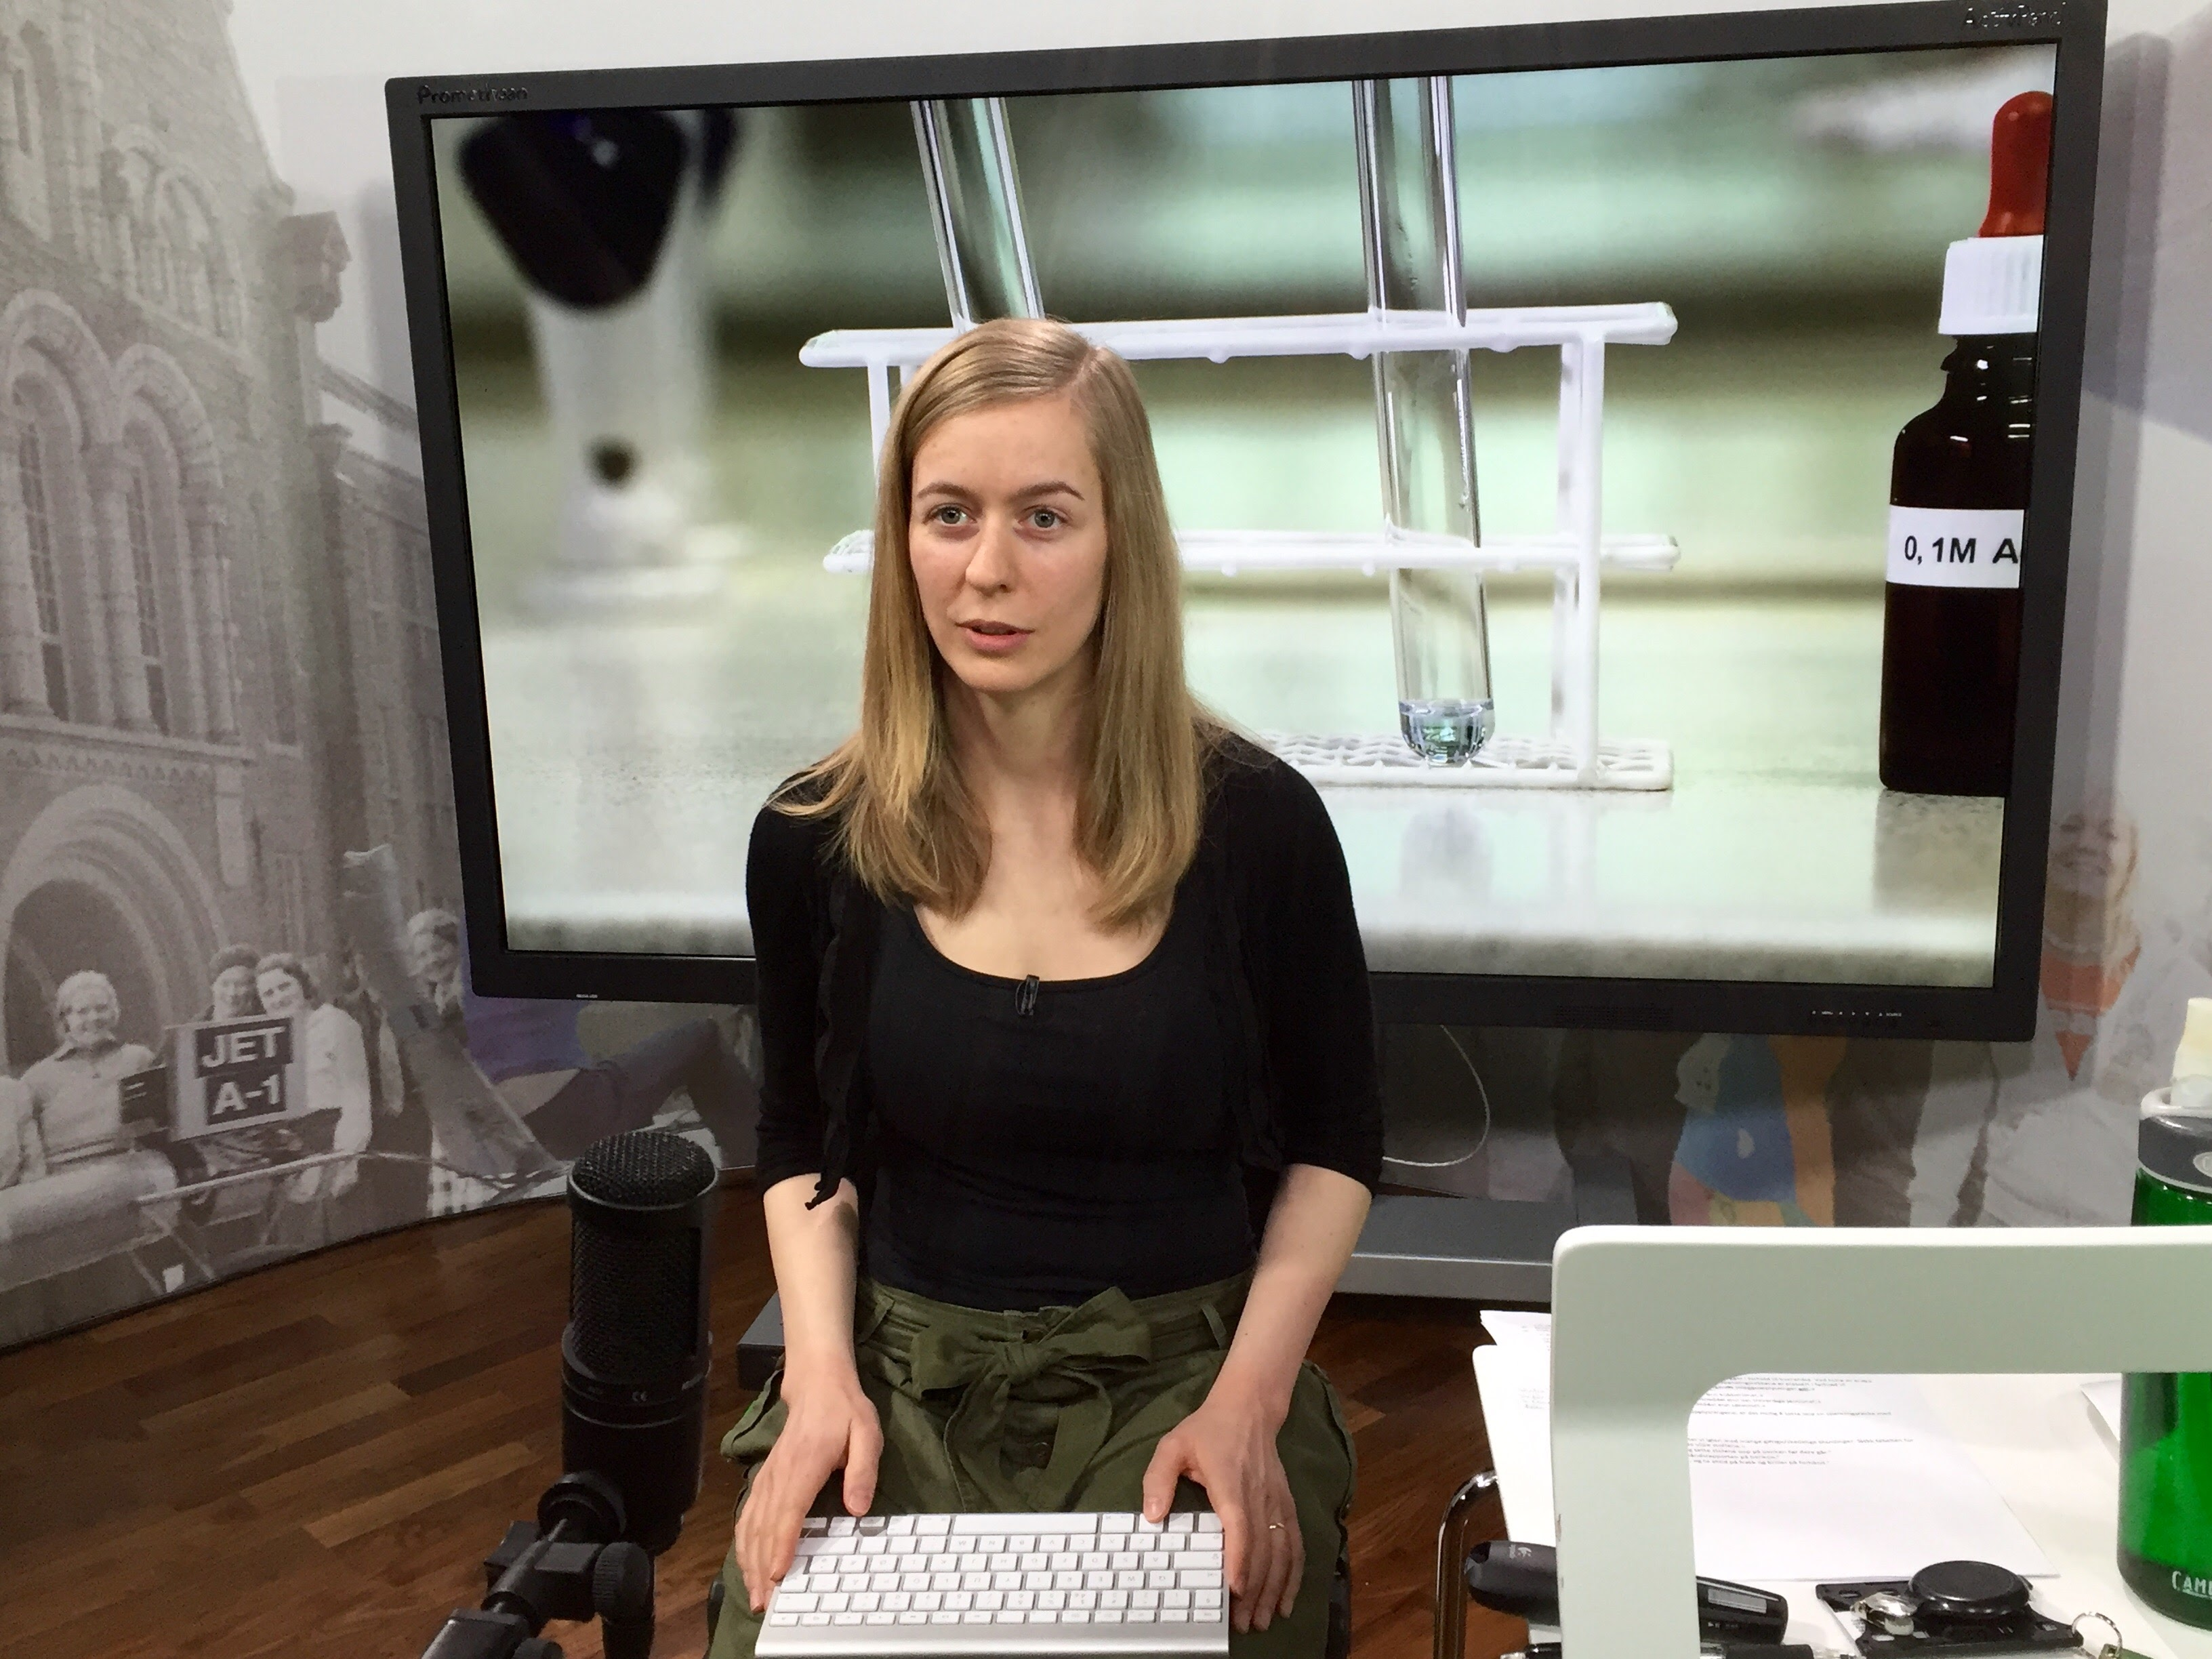 Virtuelle kjemiske rom, sett fra en videoprodusents ståsted